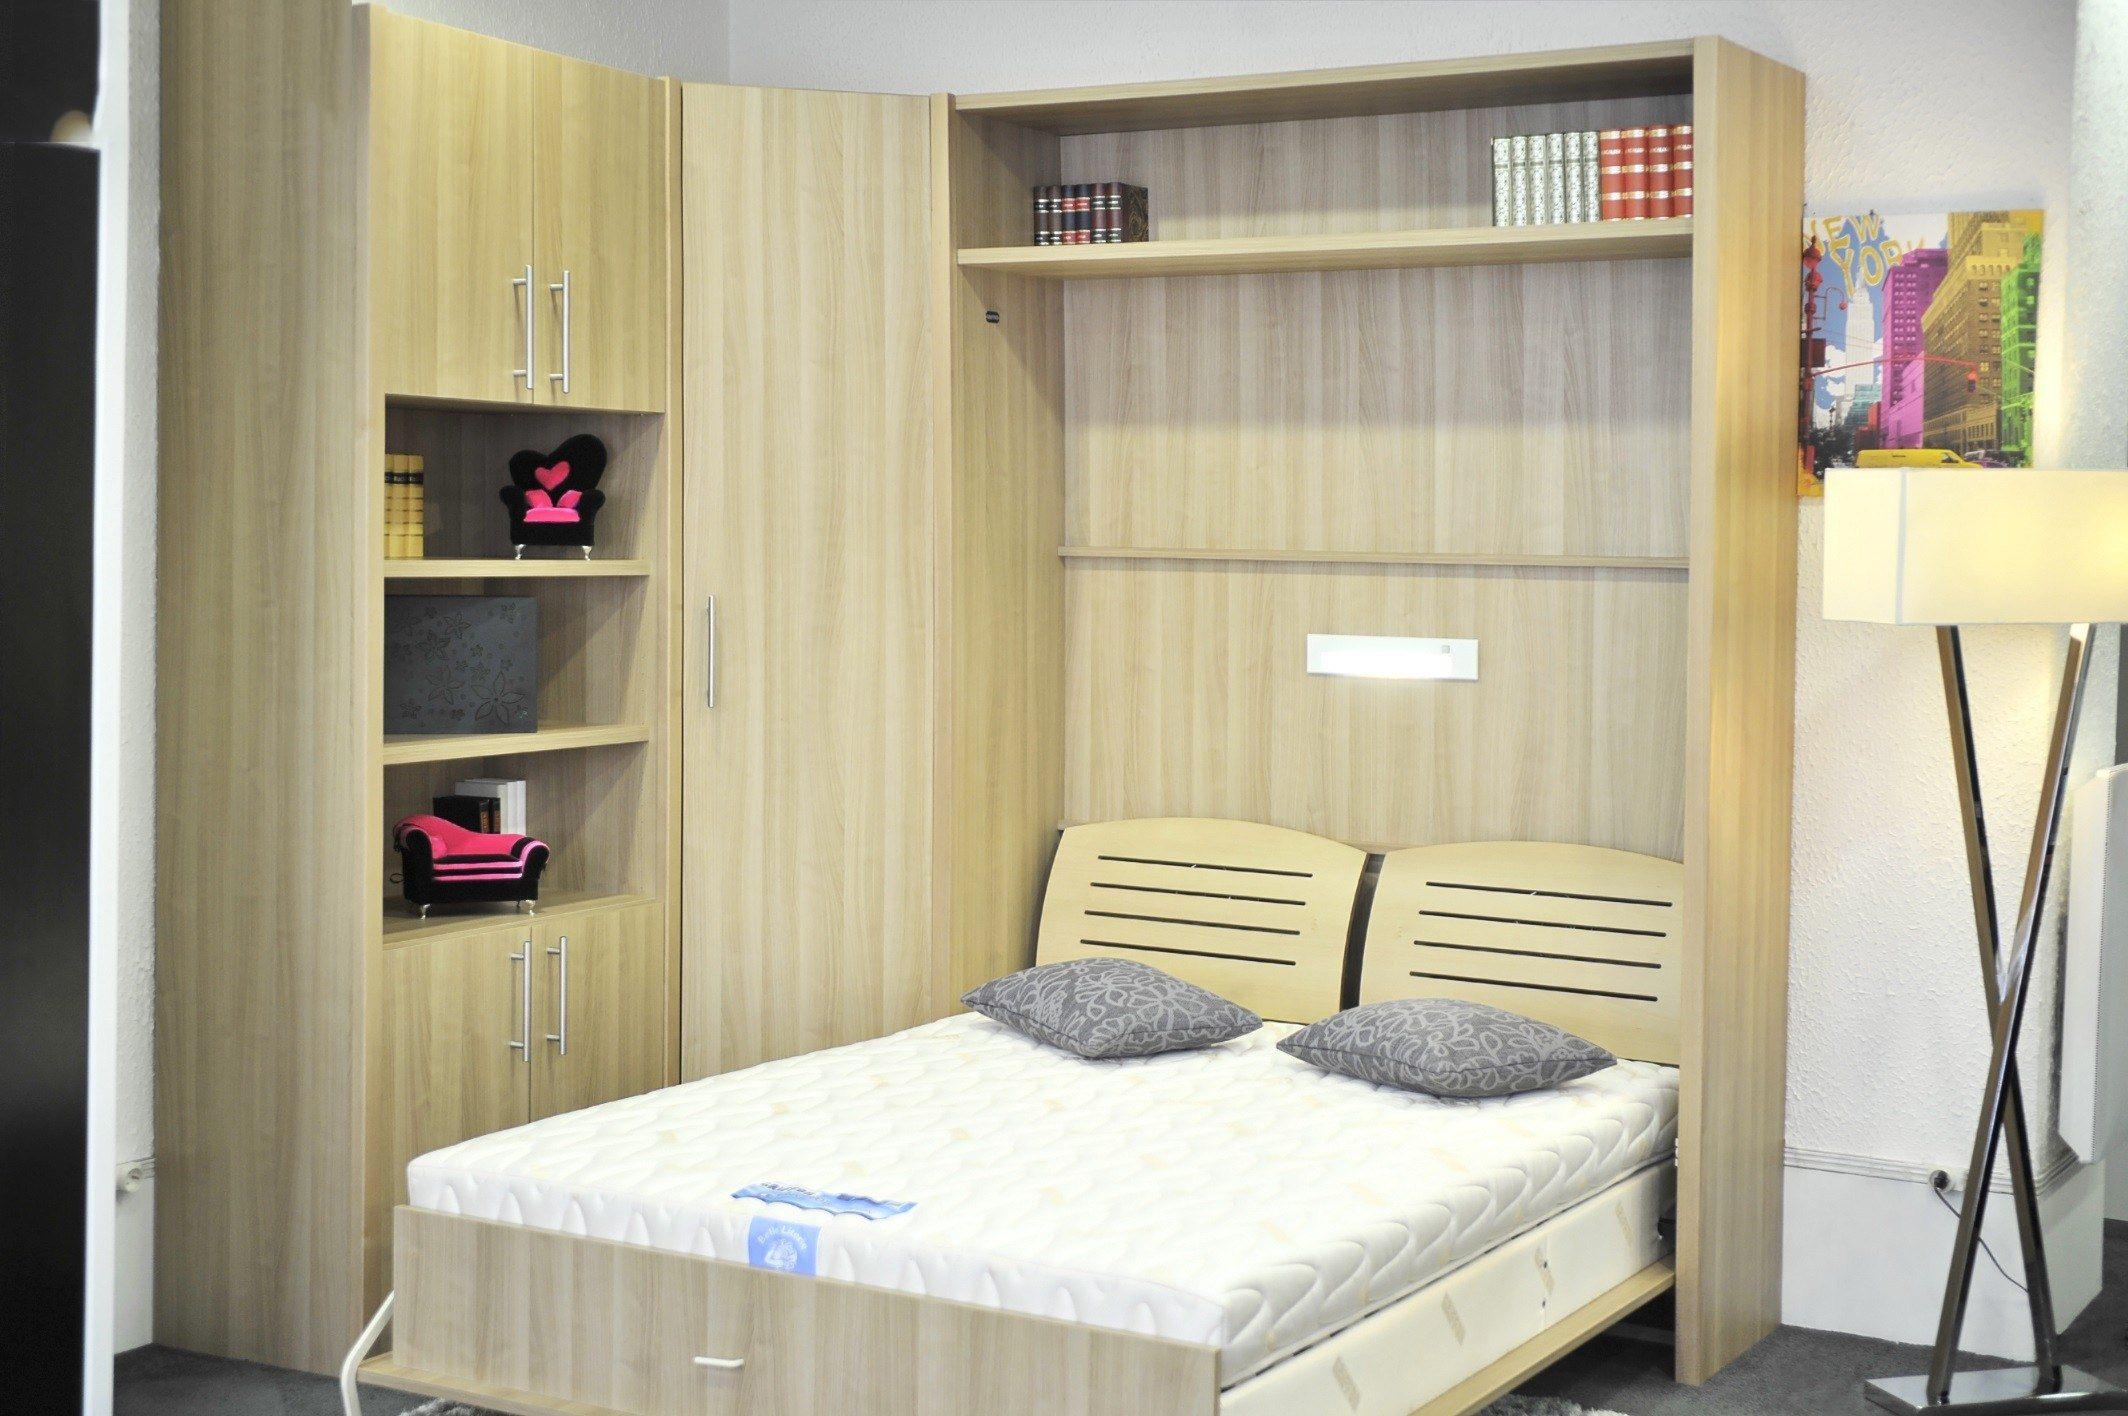 Ikea Lit Avec Rangement Unique Lit Rabattable 2 Personnes